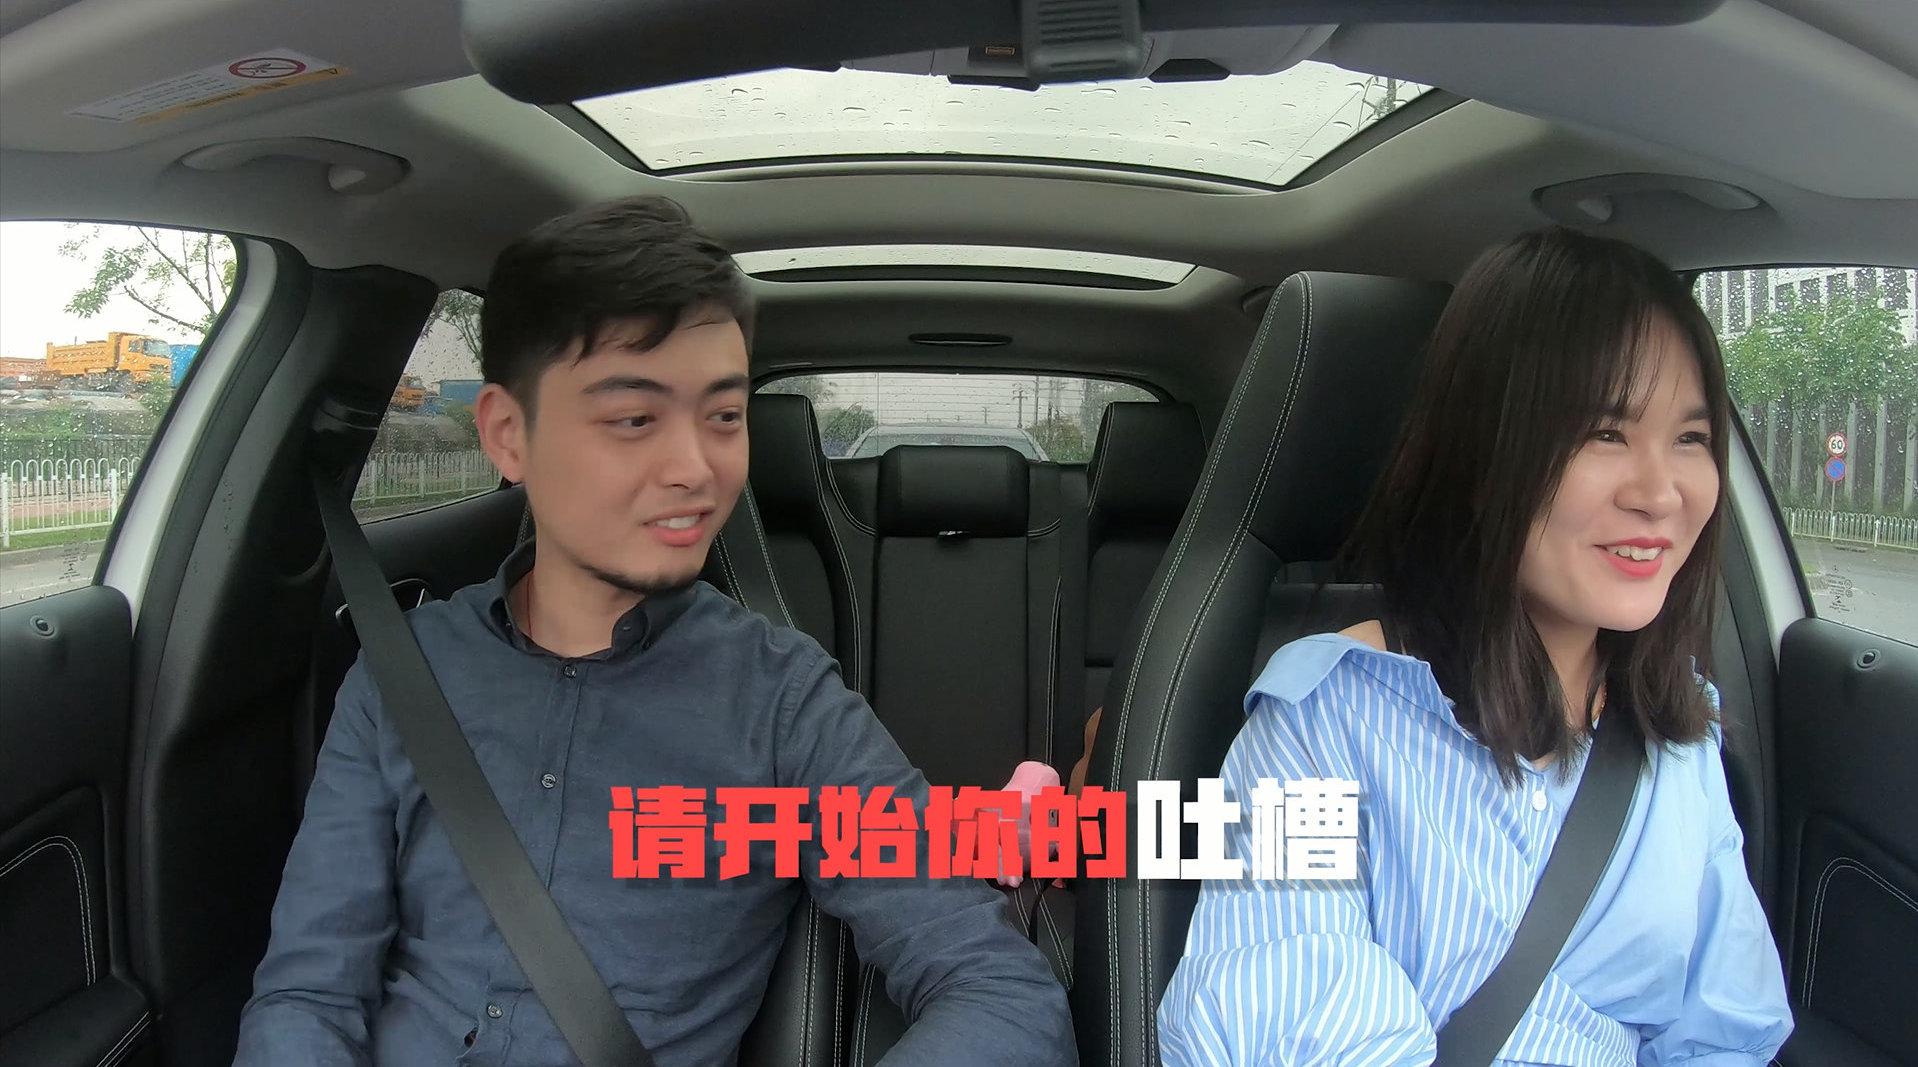 视频:奔驰GLA新车无故亮故障灯,销售敷衍车主潦草了事